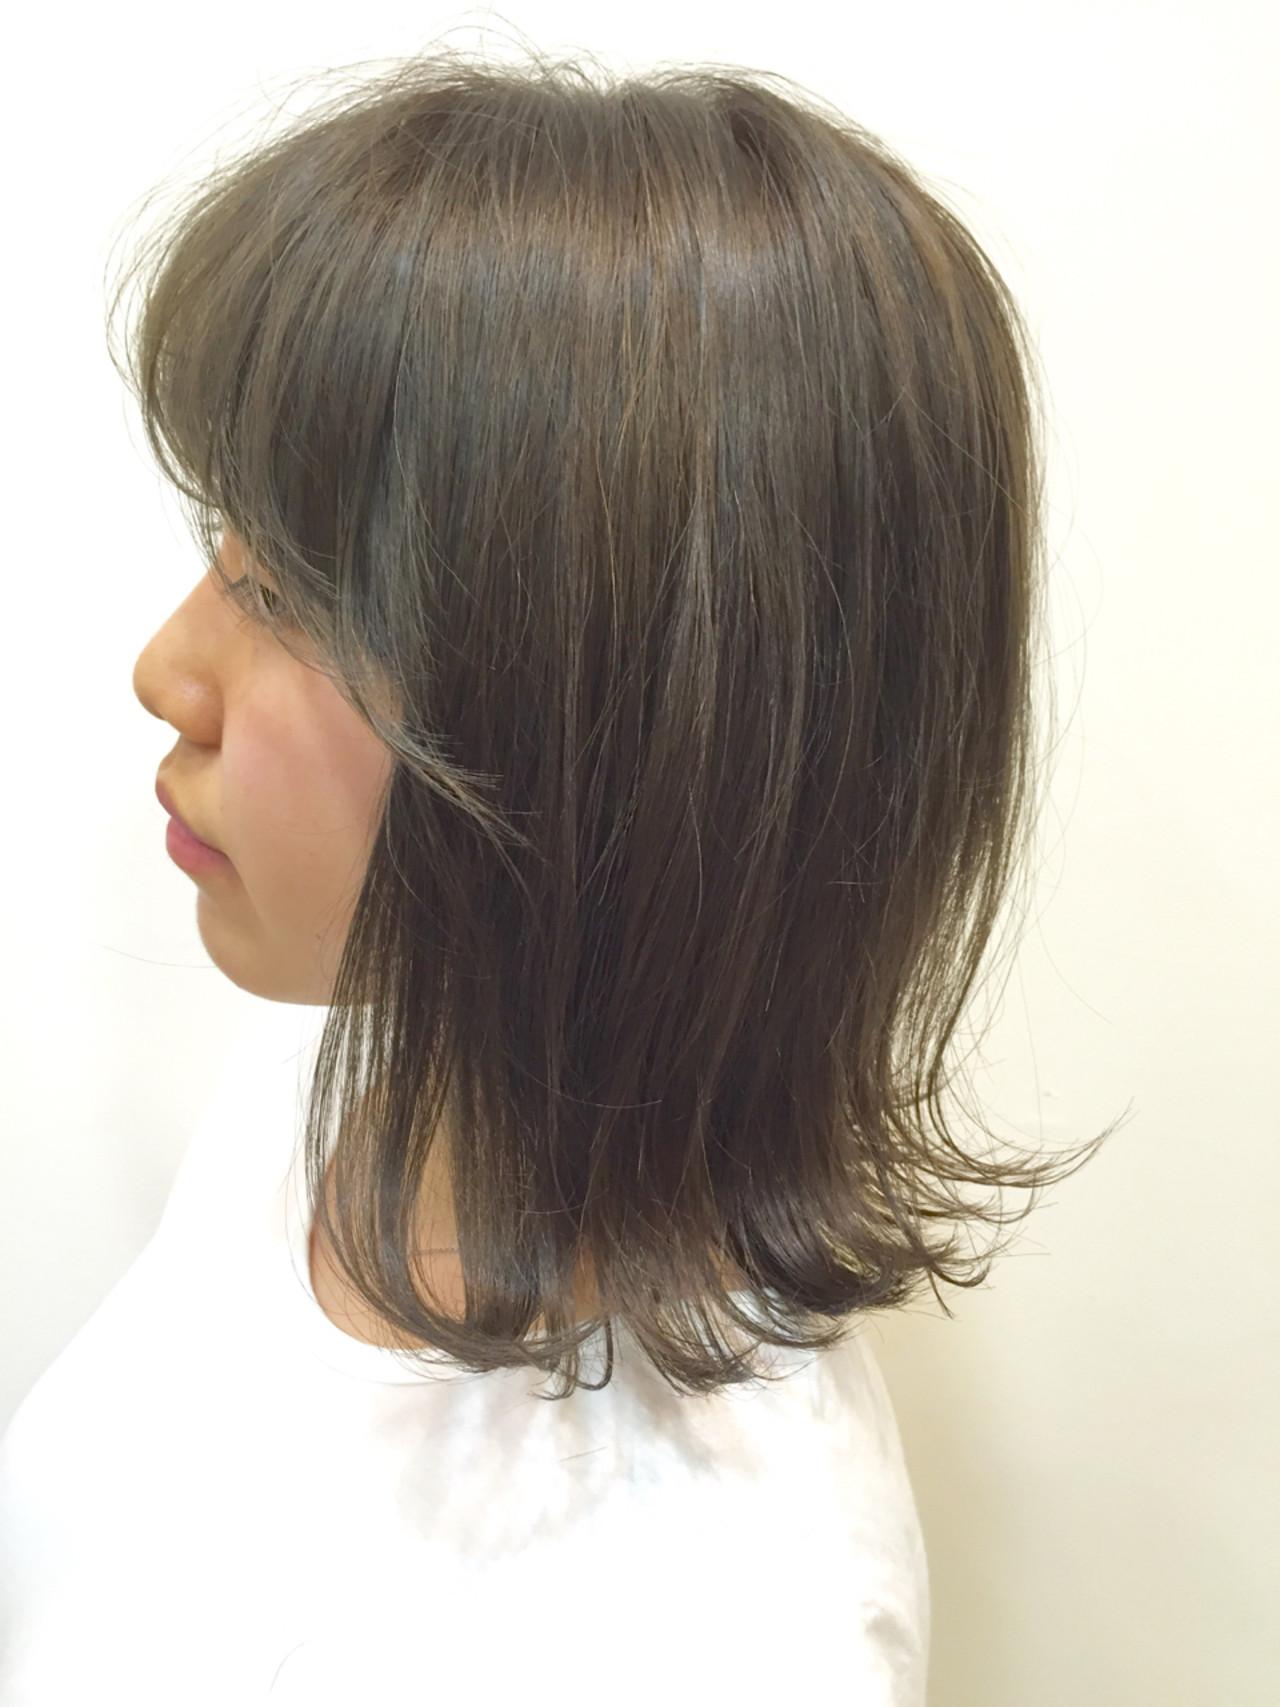 透明感 外ハネ シースルーバング ナチュラル ヘアスタイルや髪型の写真・画像